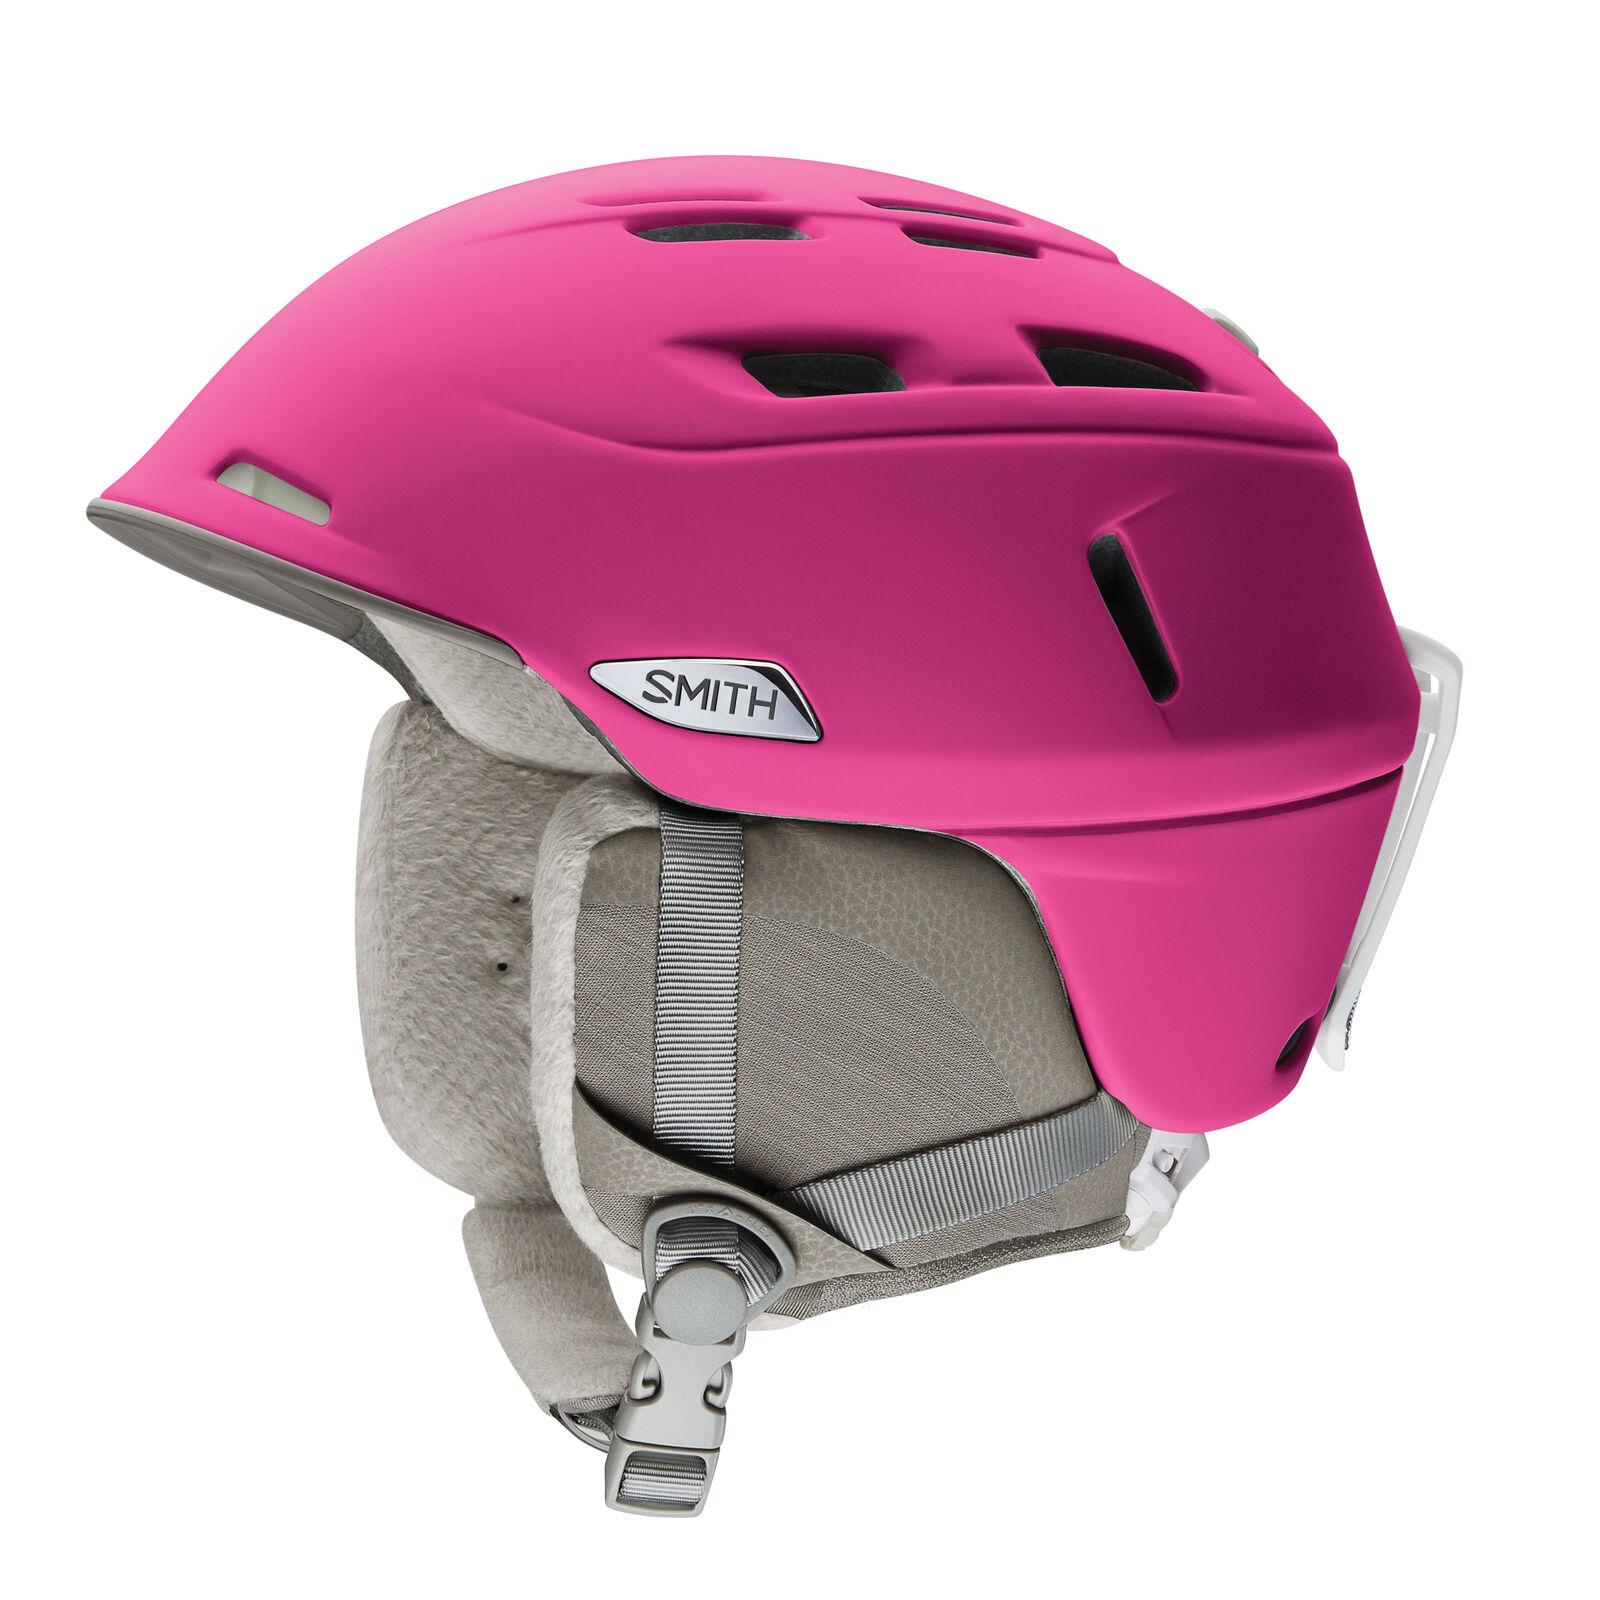 Smith Skihelm Snowboardhelm COMPASS pink leicht Unifarben Ohrenpolster